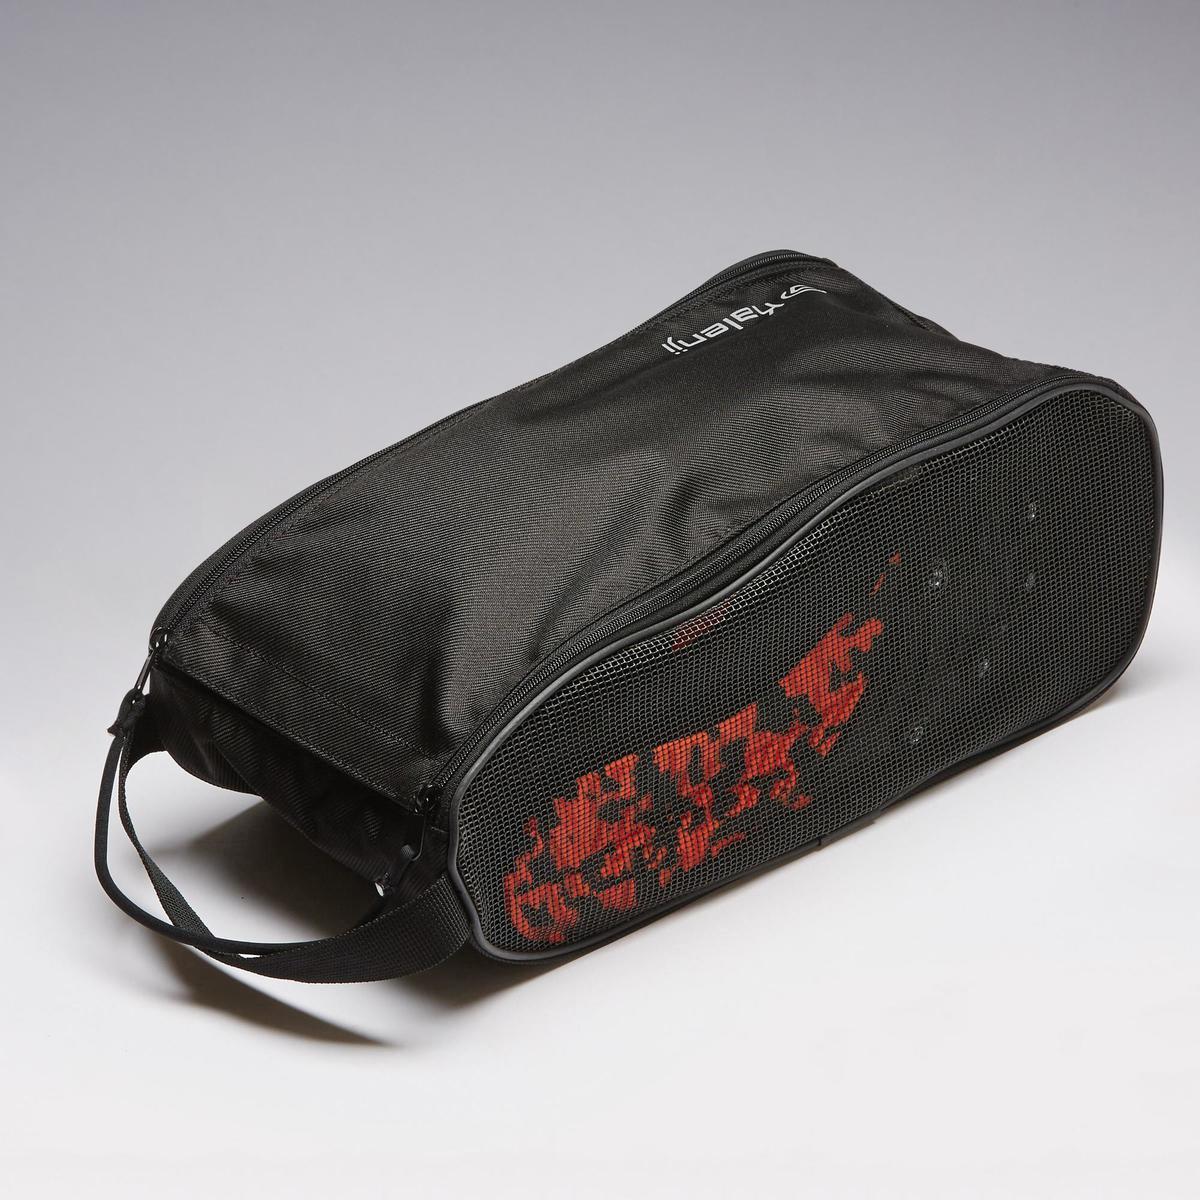 Bild 5 von Tasche für Spikes